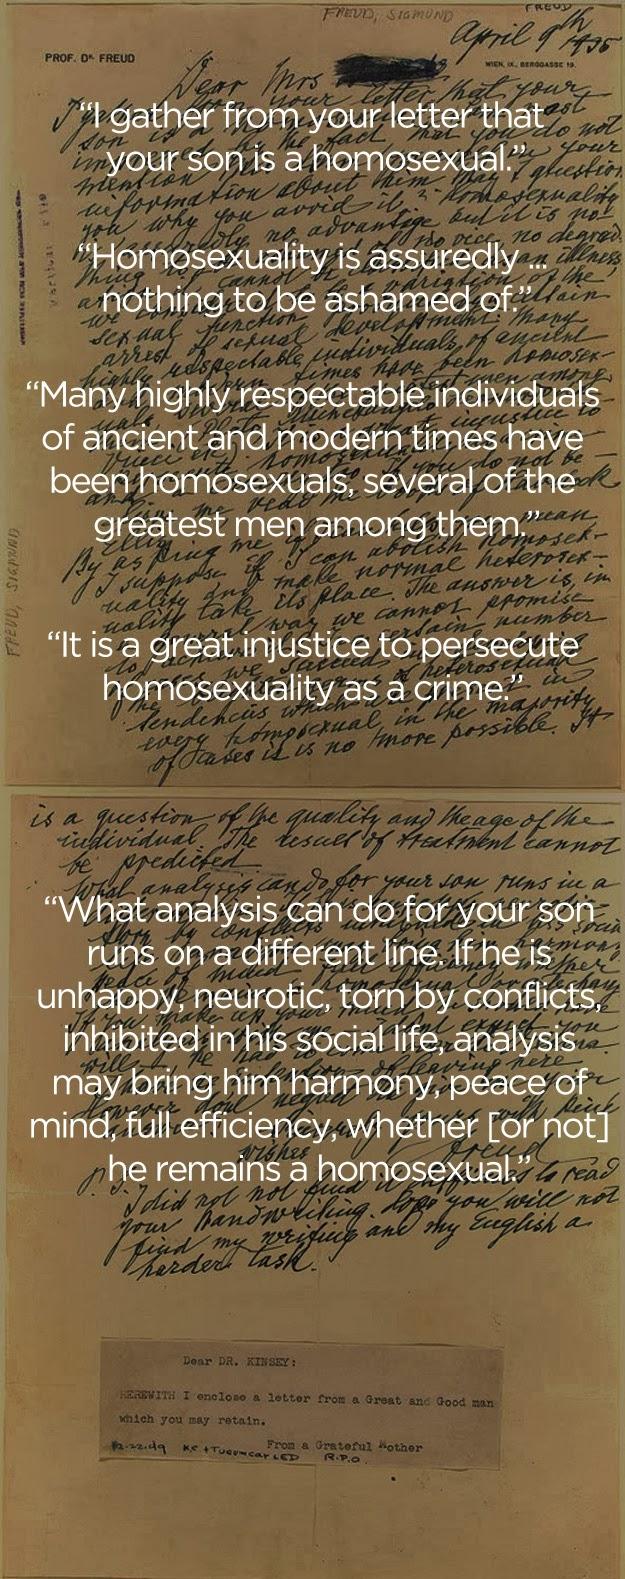 sigmund freud essays sigmund freud scholar psychiatrist com how a  freud quotes sigmund freud on homosexuality sigmund freud on homosexuality